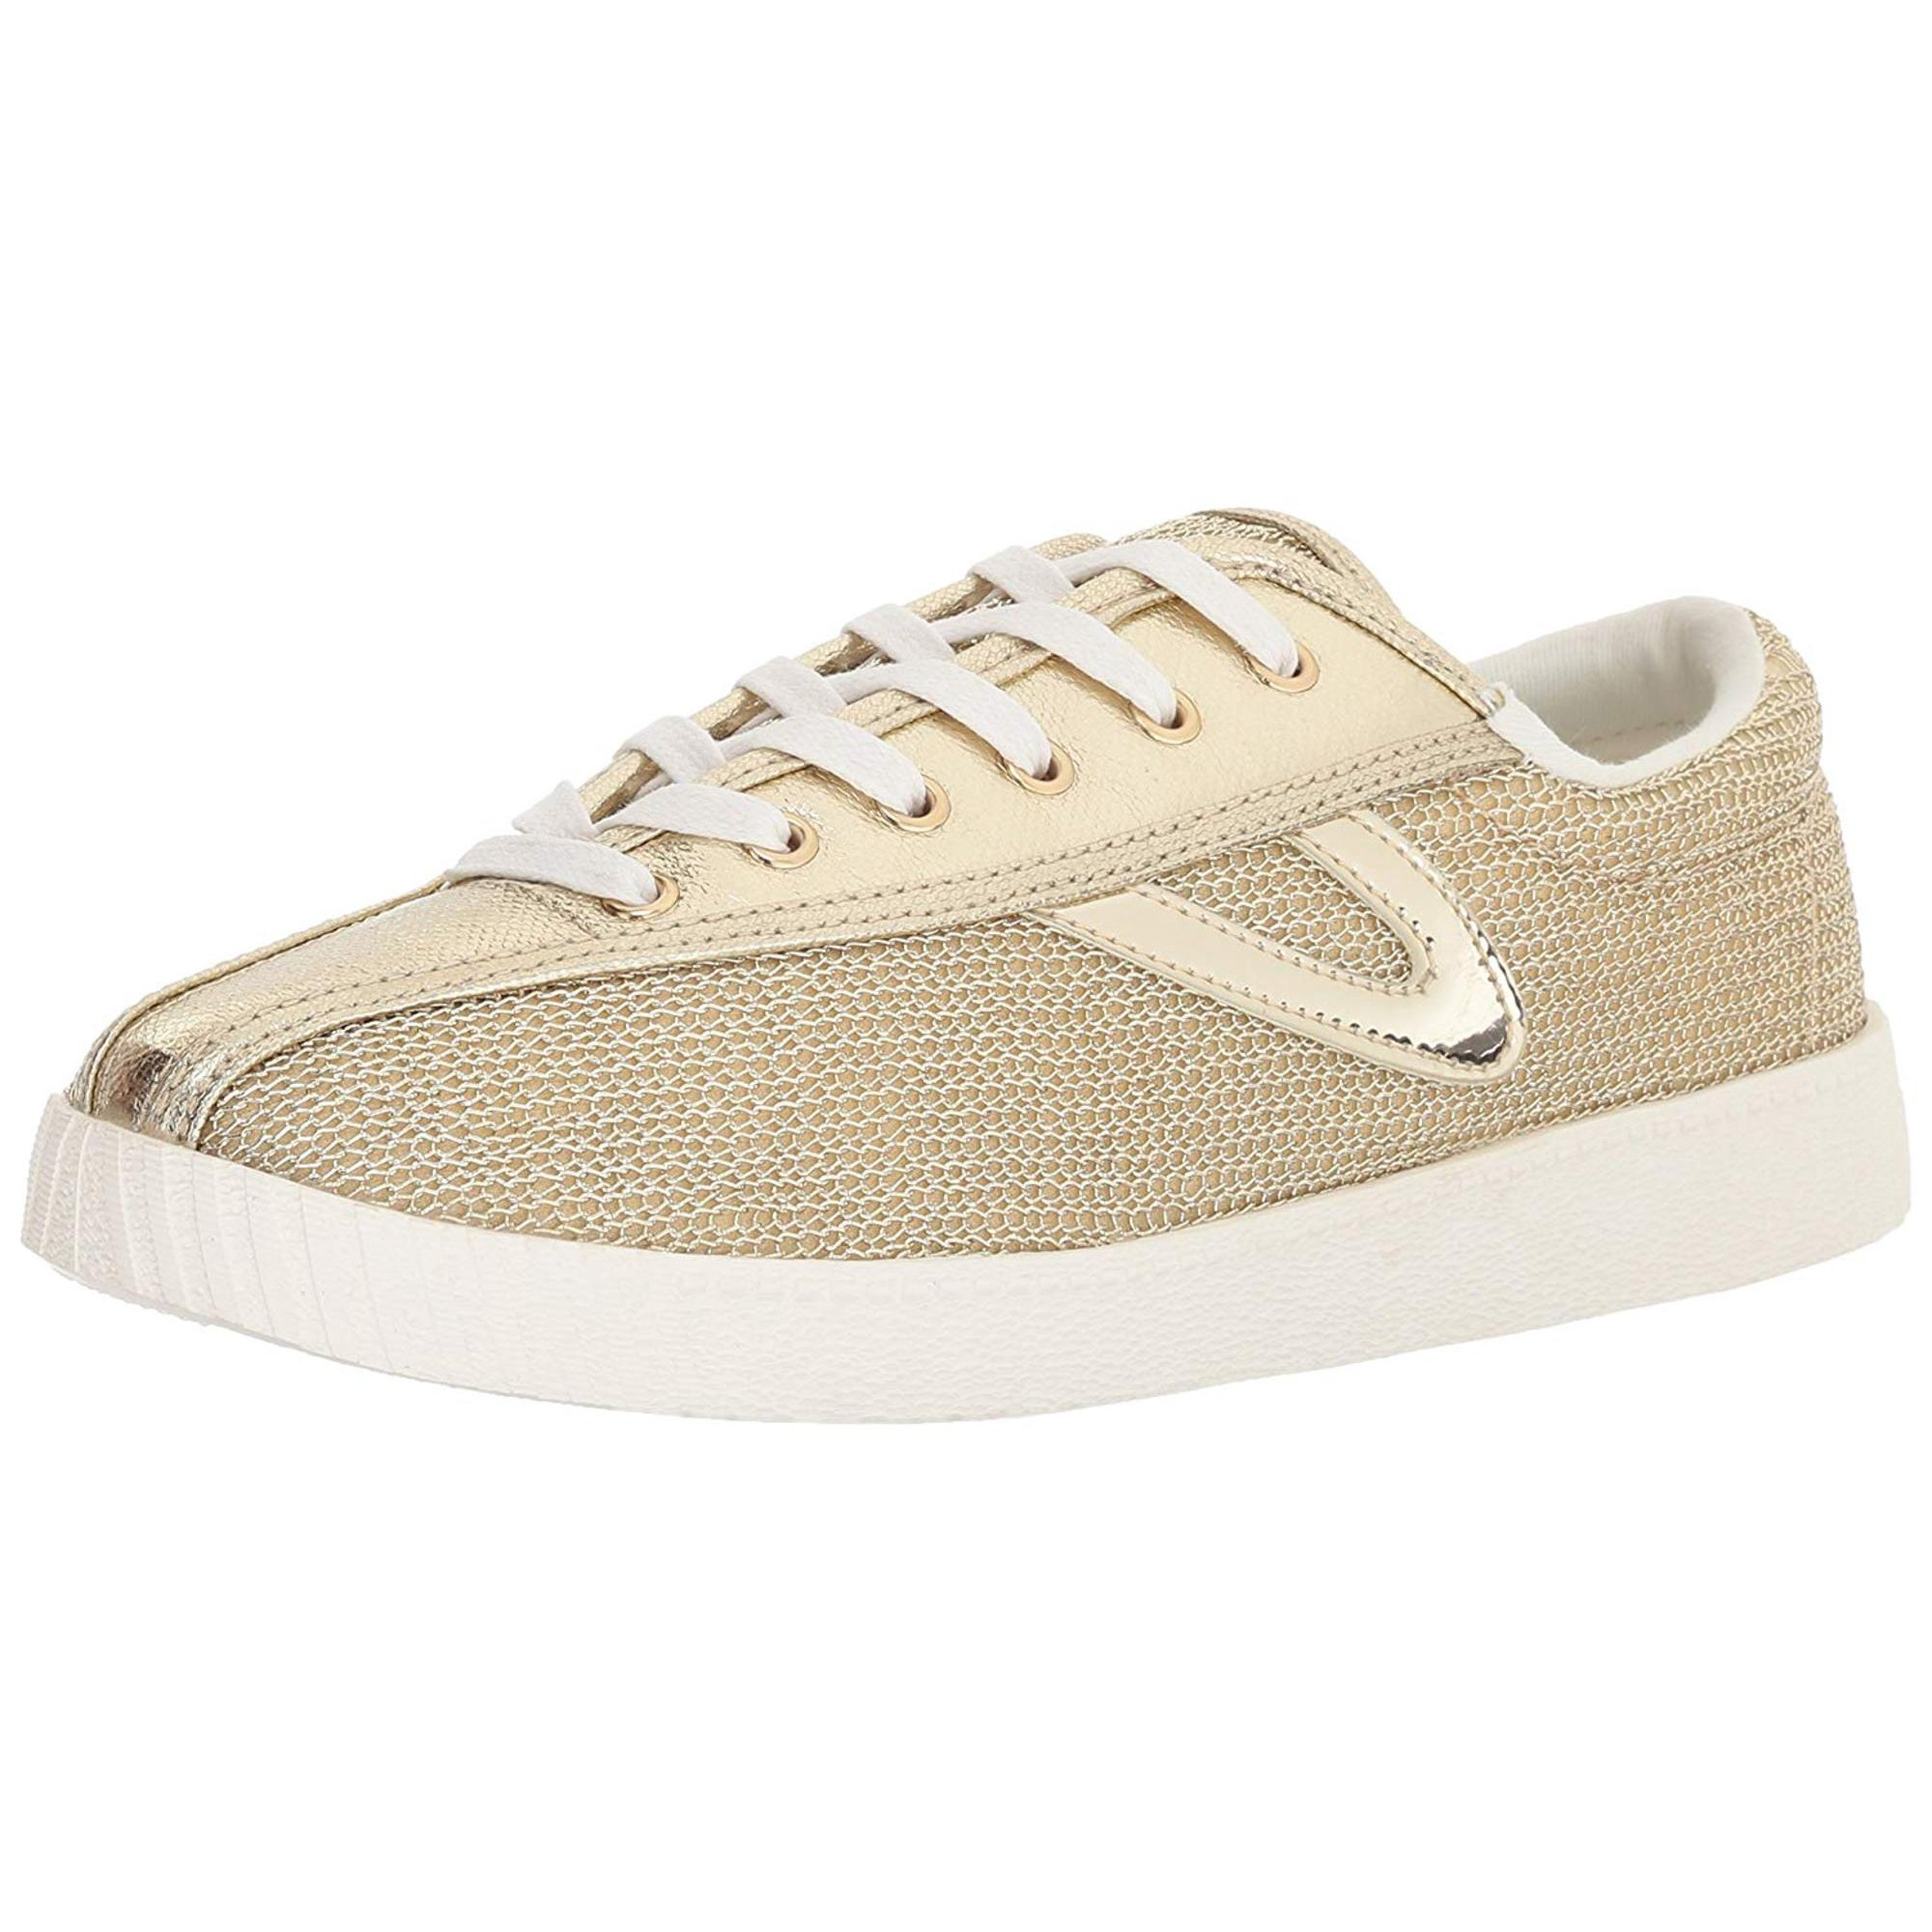 Tretorn Nylite 17 Plus Metallic Mesh Fashion Sneaker 5M Oro Oro Oro